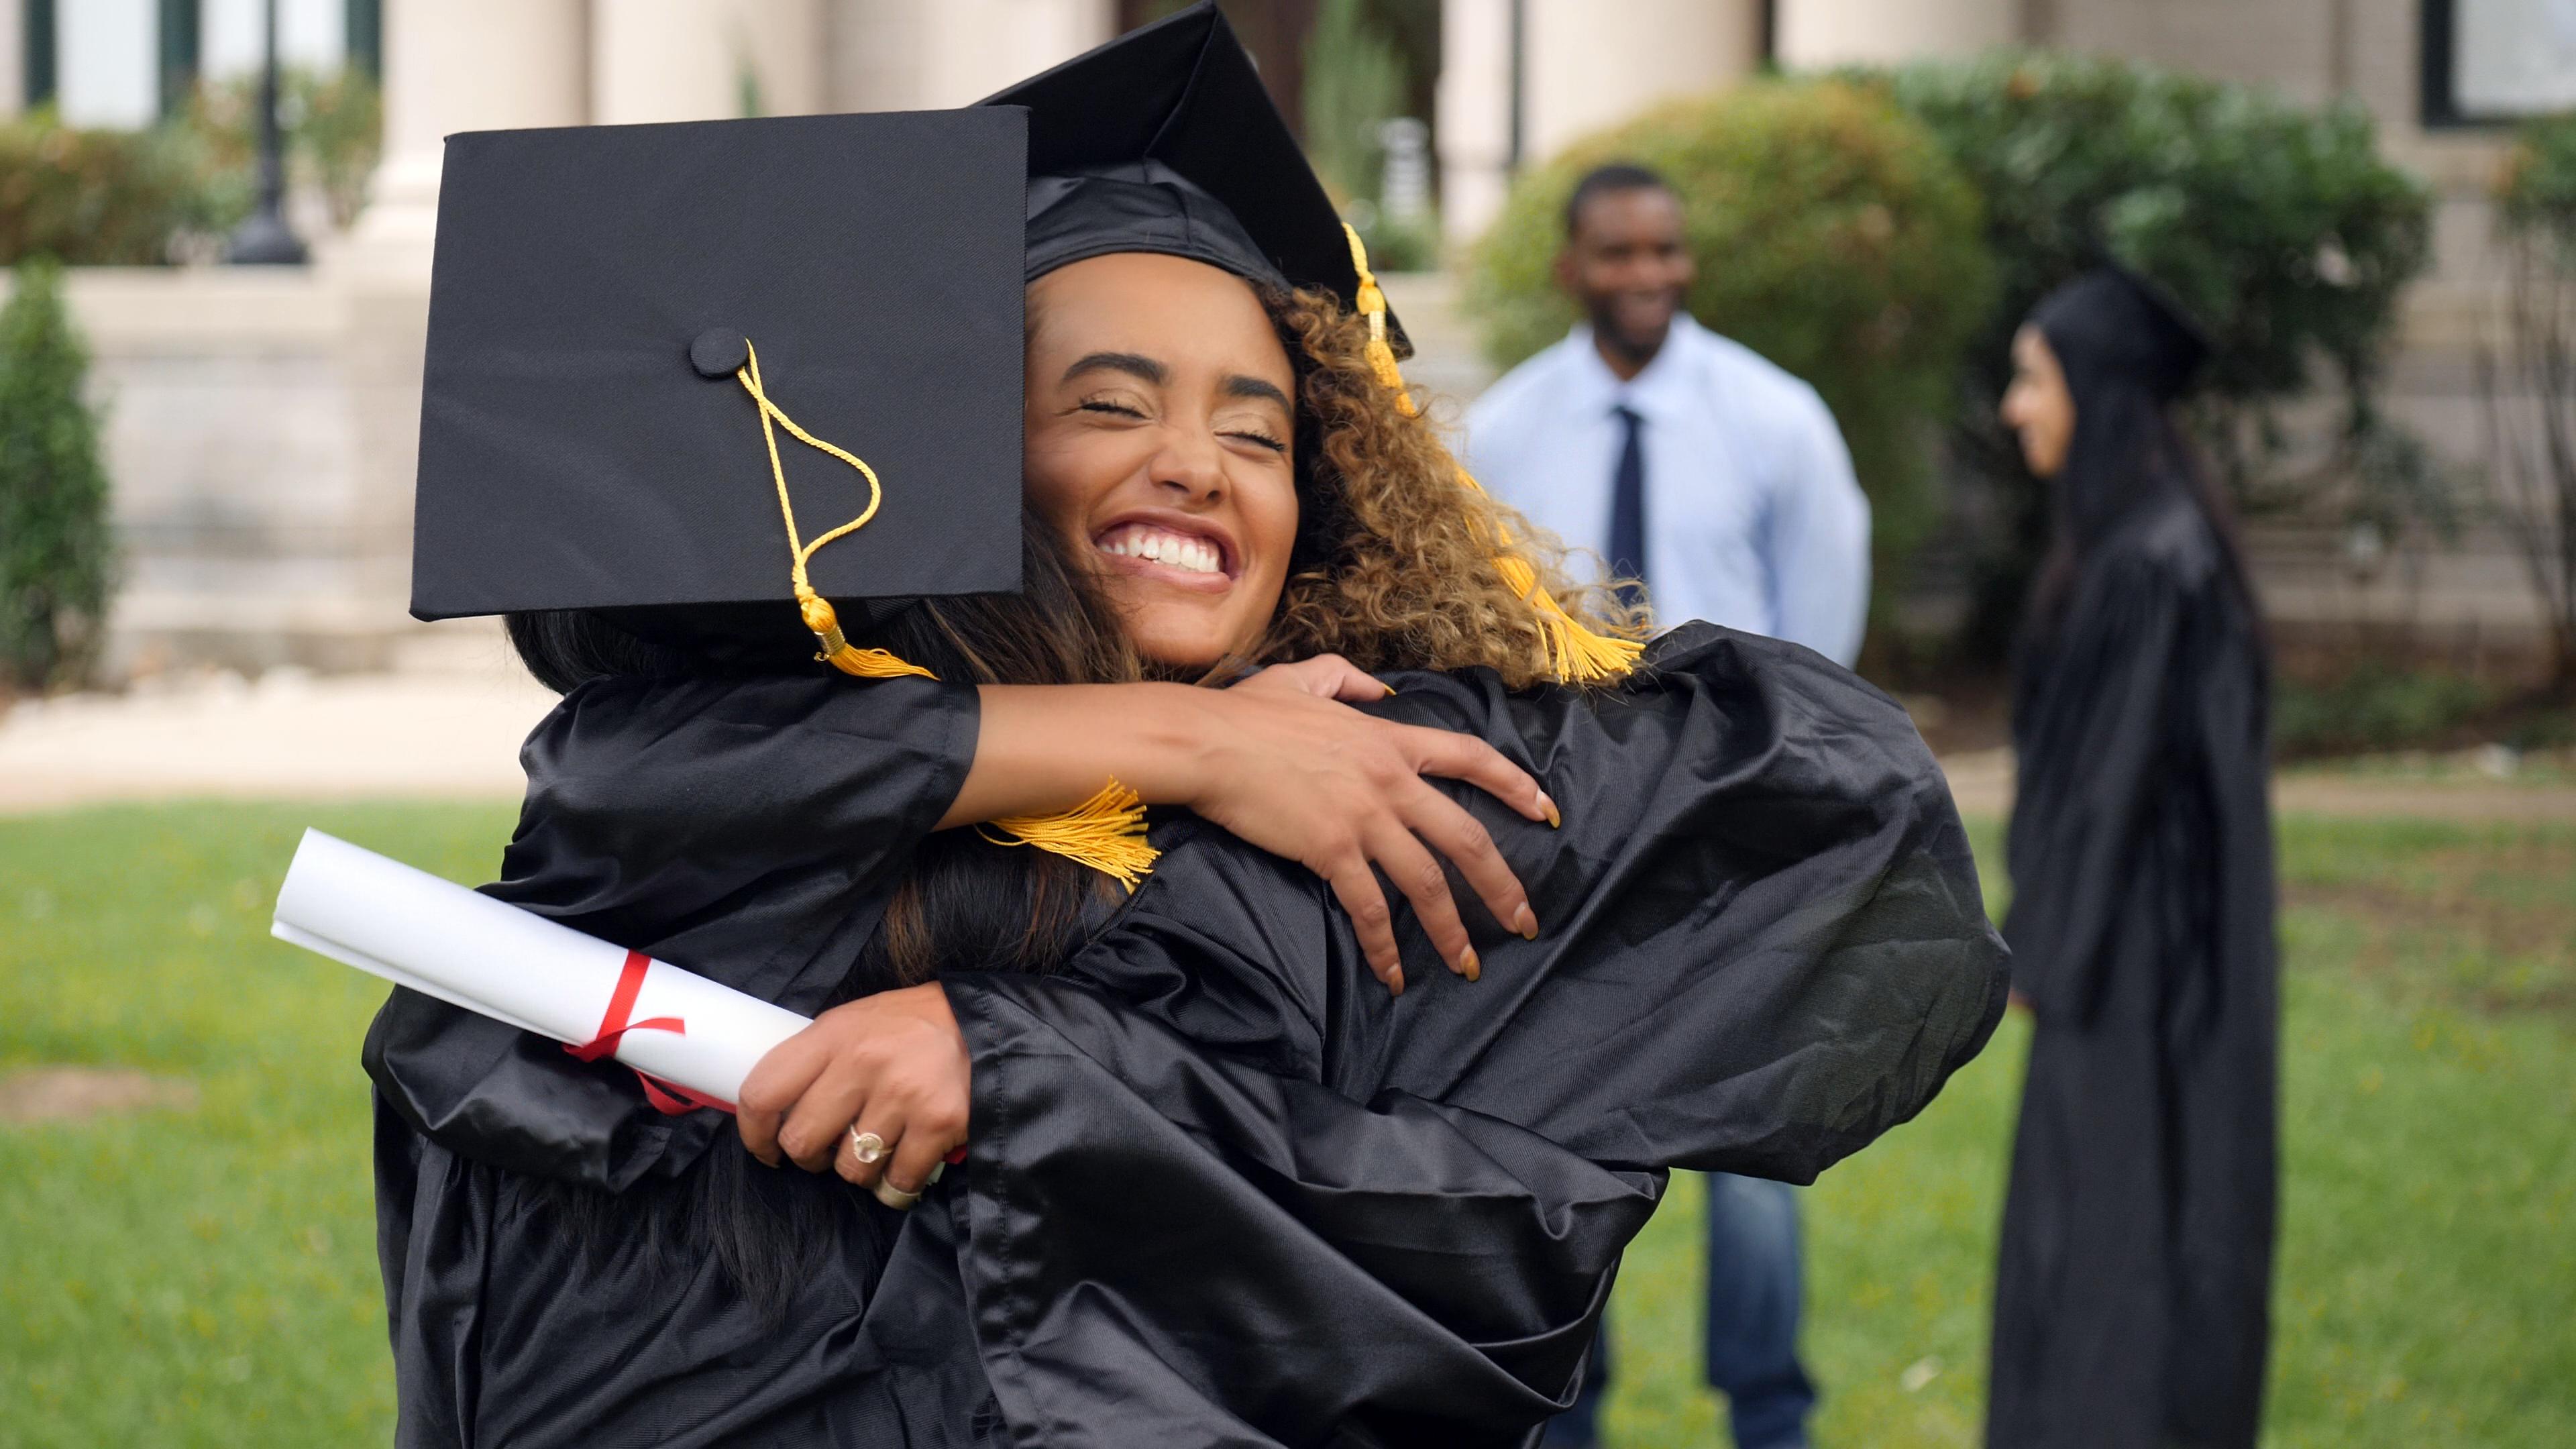 graduate hugging a classmate